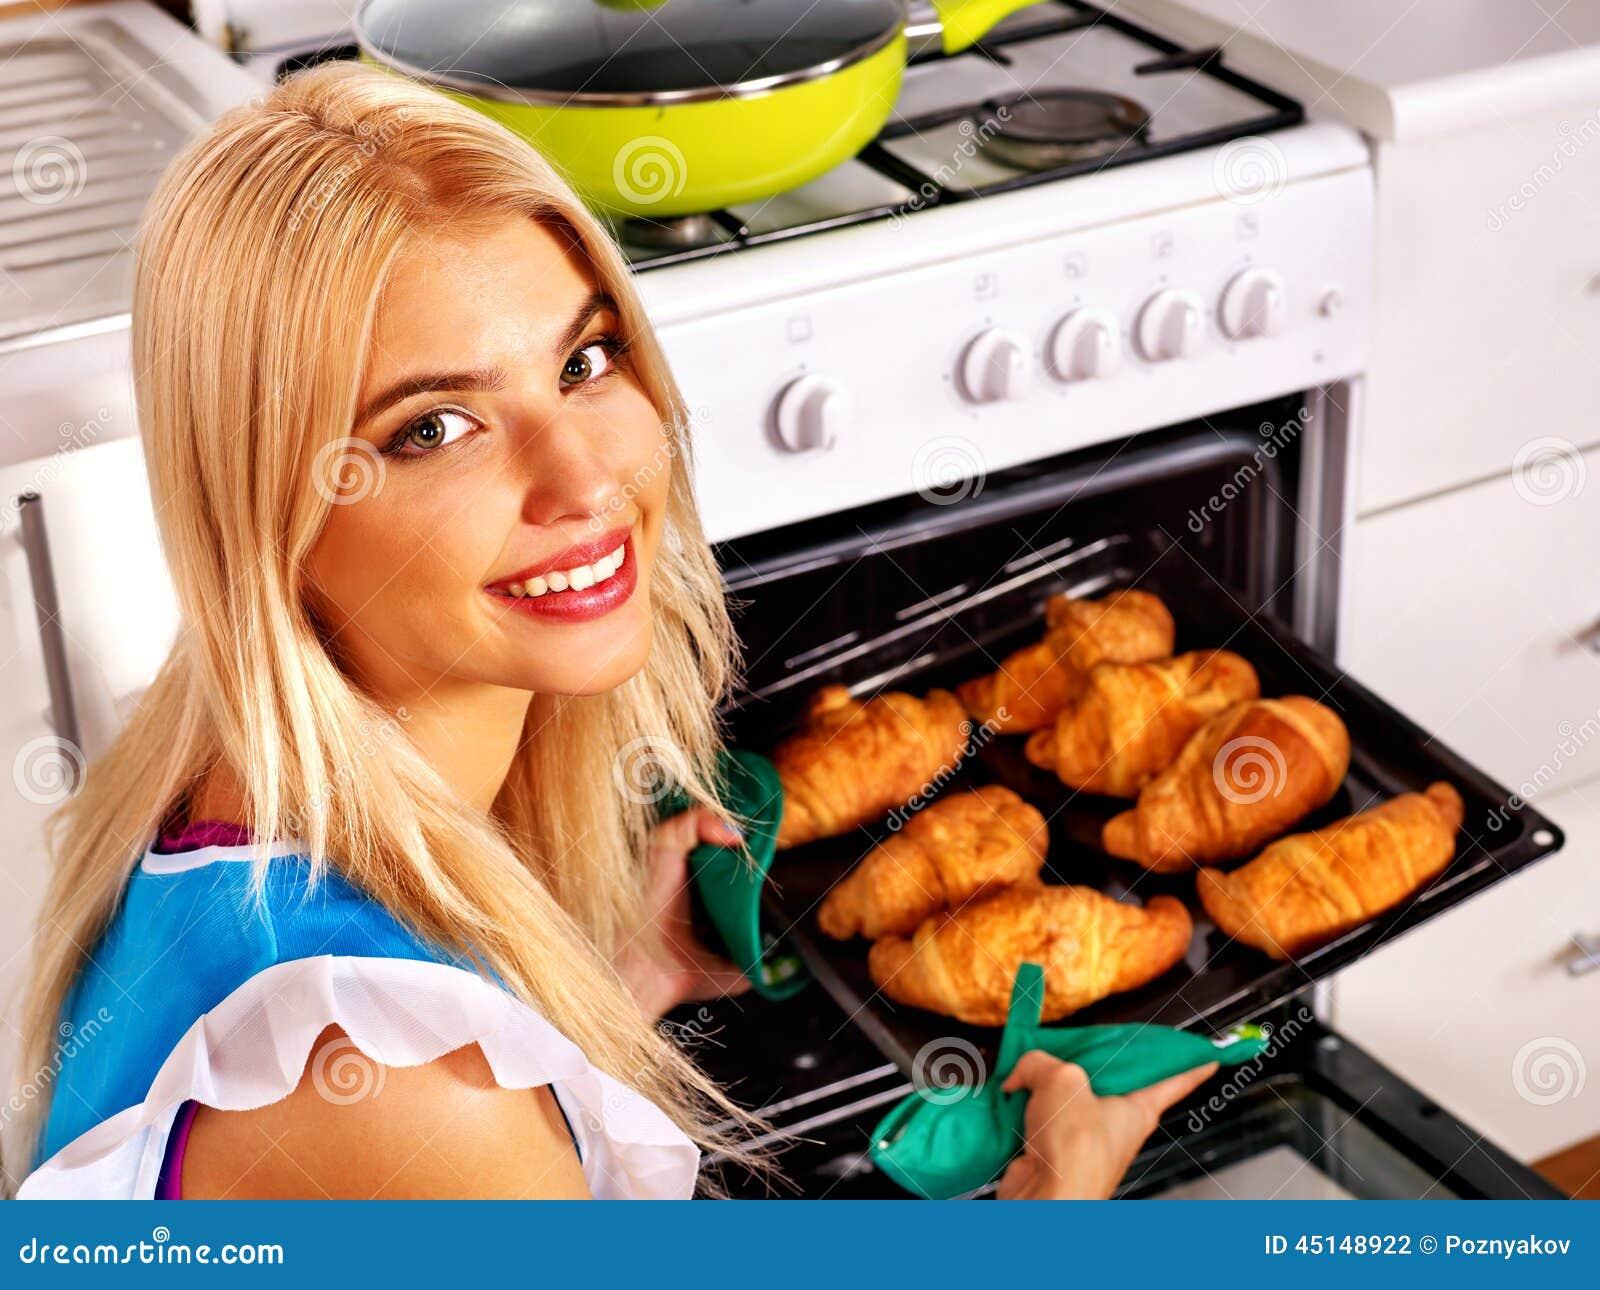 Фото девушка печет пироги